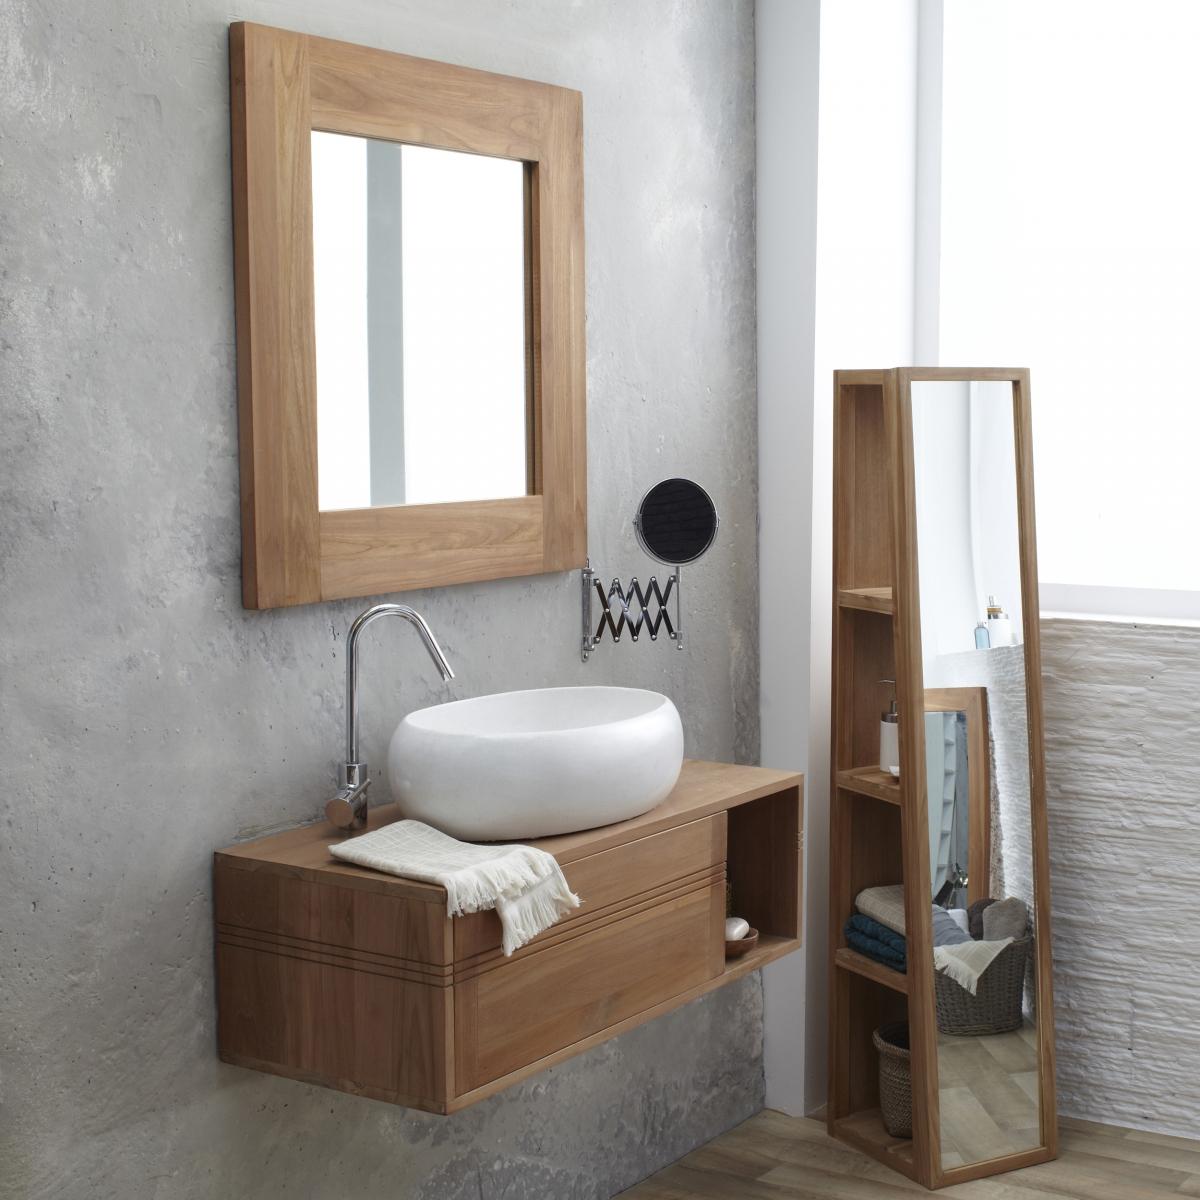 Meuble Salle De Bain Ikea Double Vasque Inspirant Image Meuble De Sdb 10 Salle Bain Ikea Godmorgon 2 1280x976